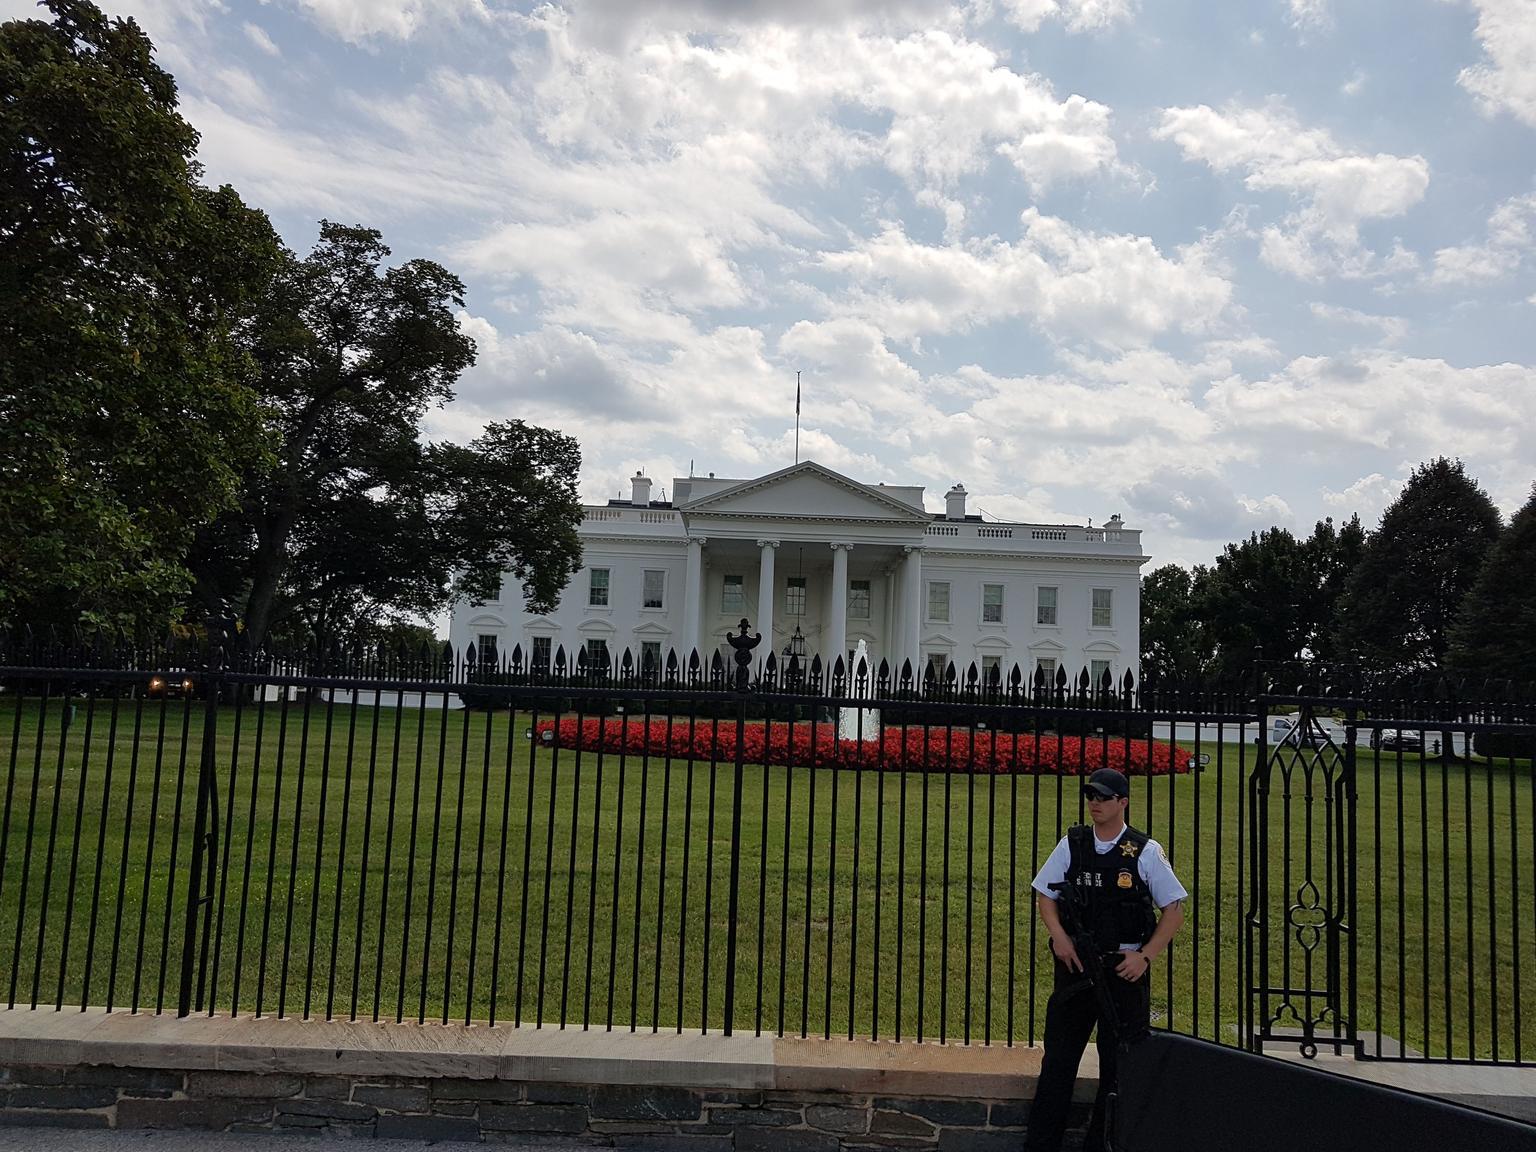 MÁS FOTOS, Excursión de un día a Washington DC desde Nueva York